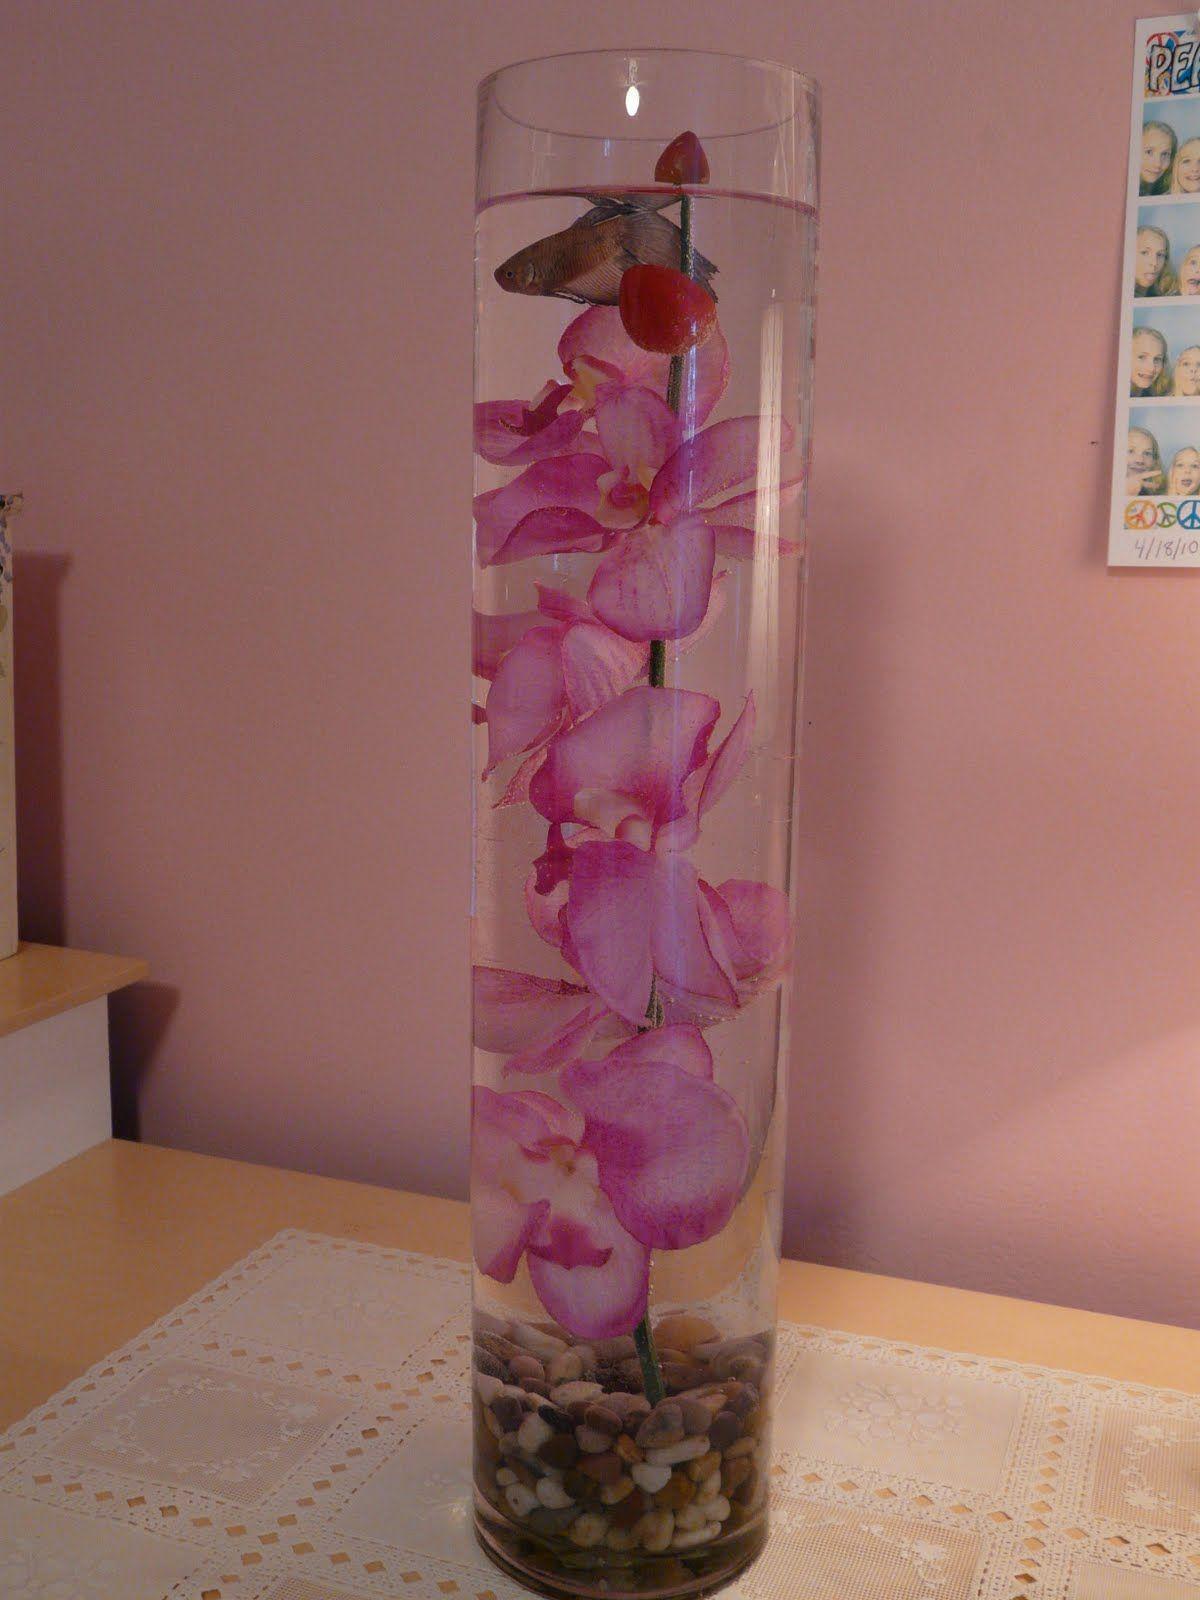 Long Tall Glass Vase For Fish Tall Glass Vases Glass Vase Vase